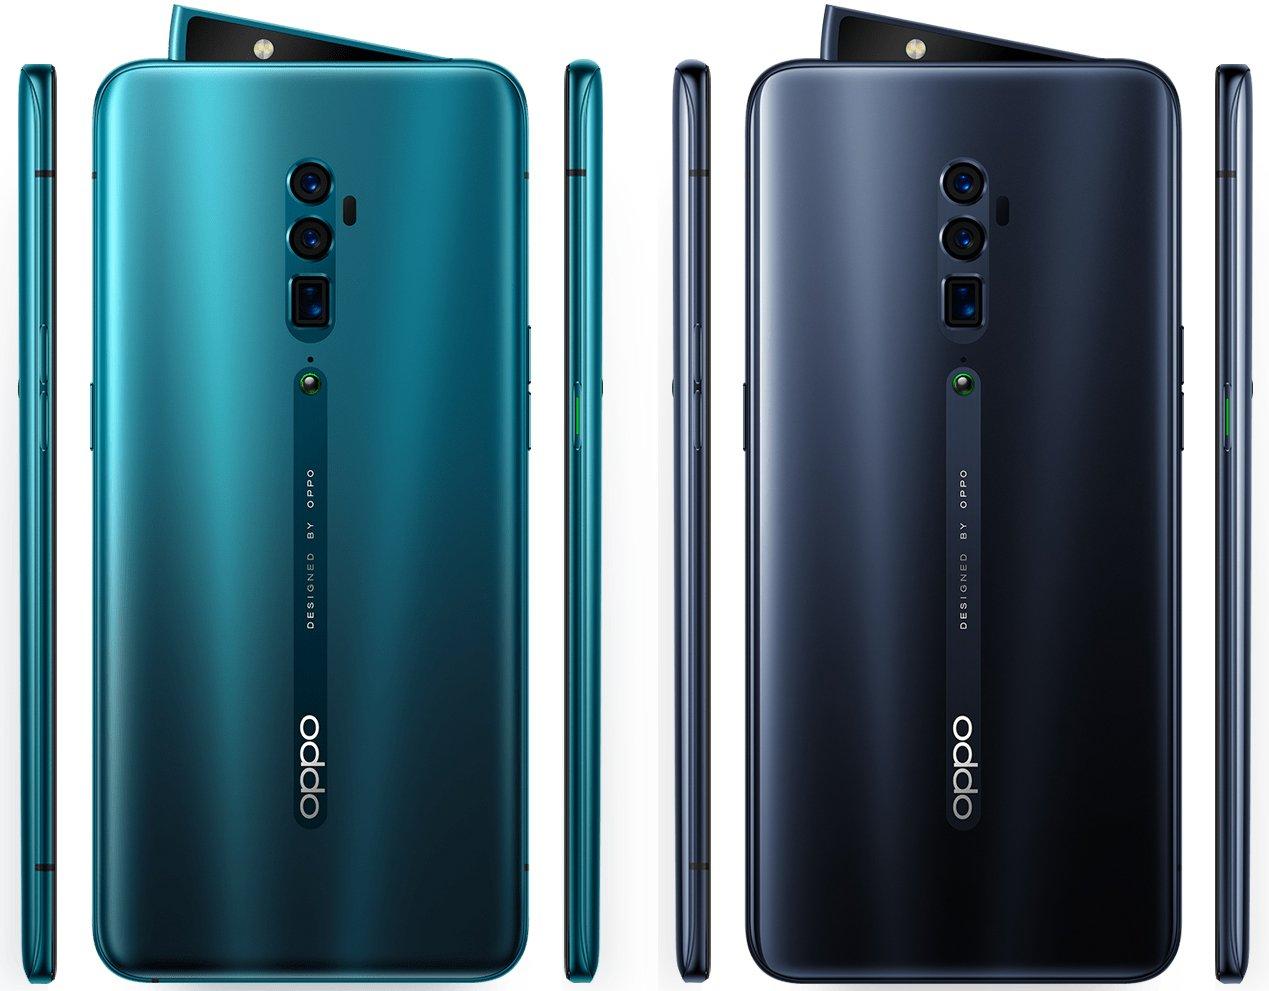 2020 En İyi Telefon Modelleri Fiyat/Performans İncelemesi